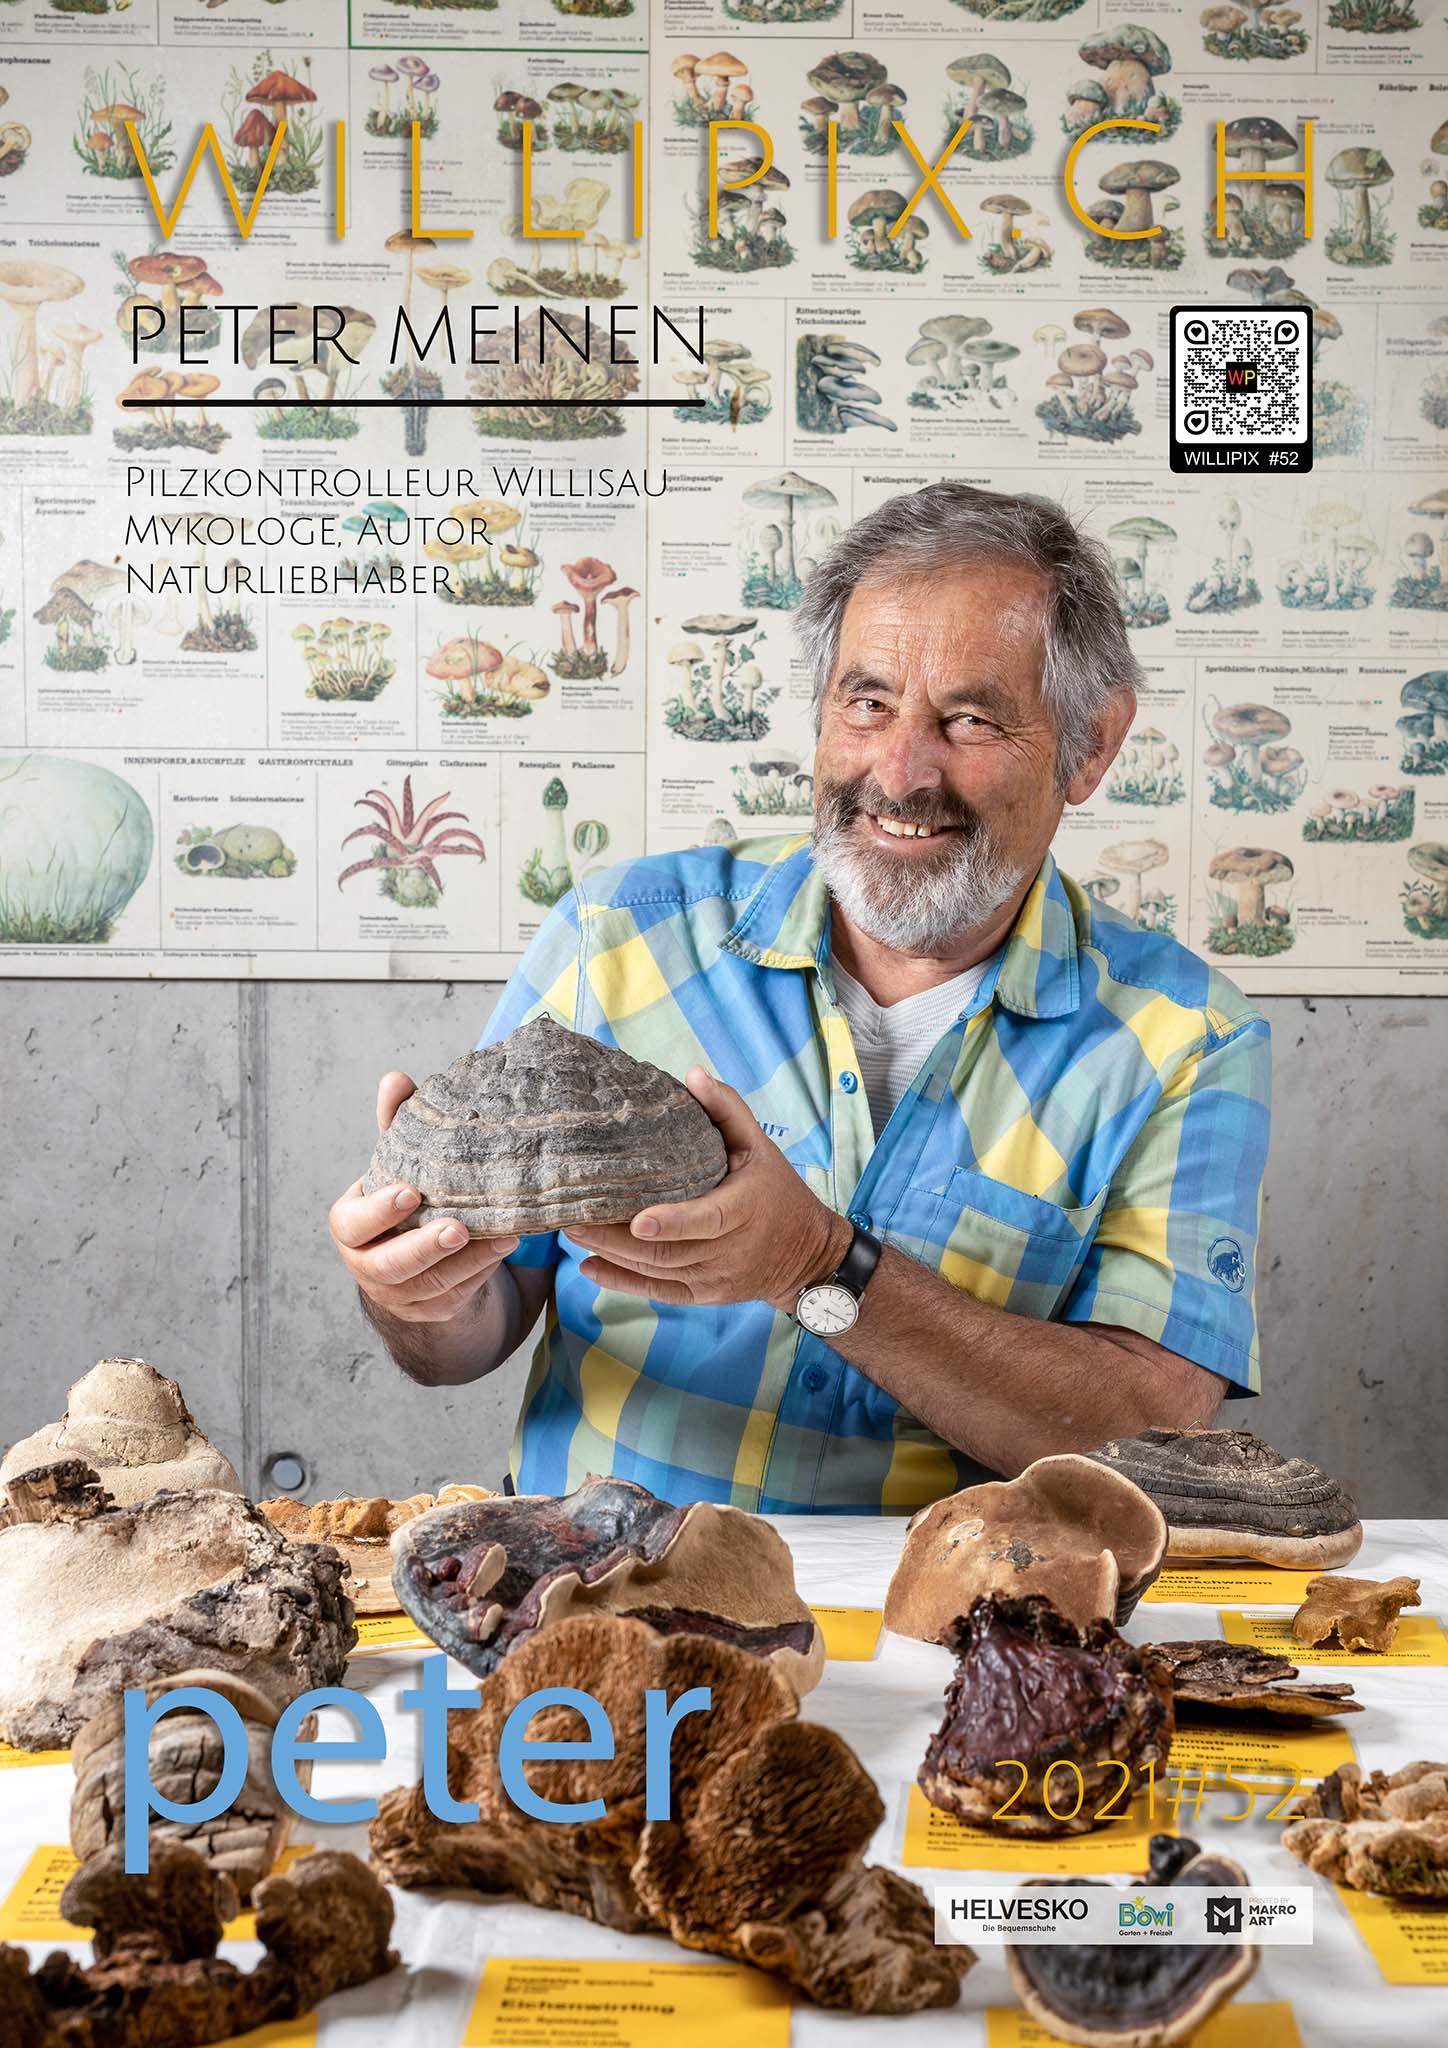 WILLIPIX-52: PETER MEINEN